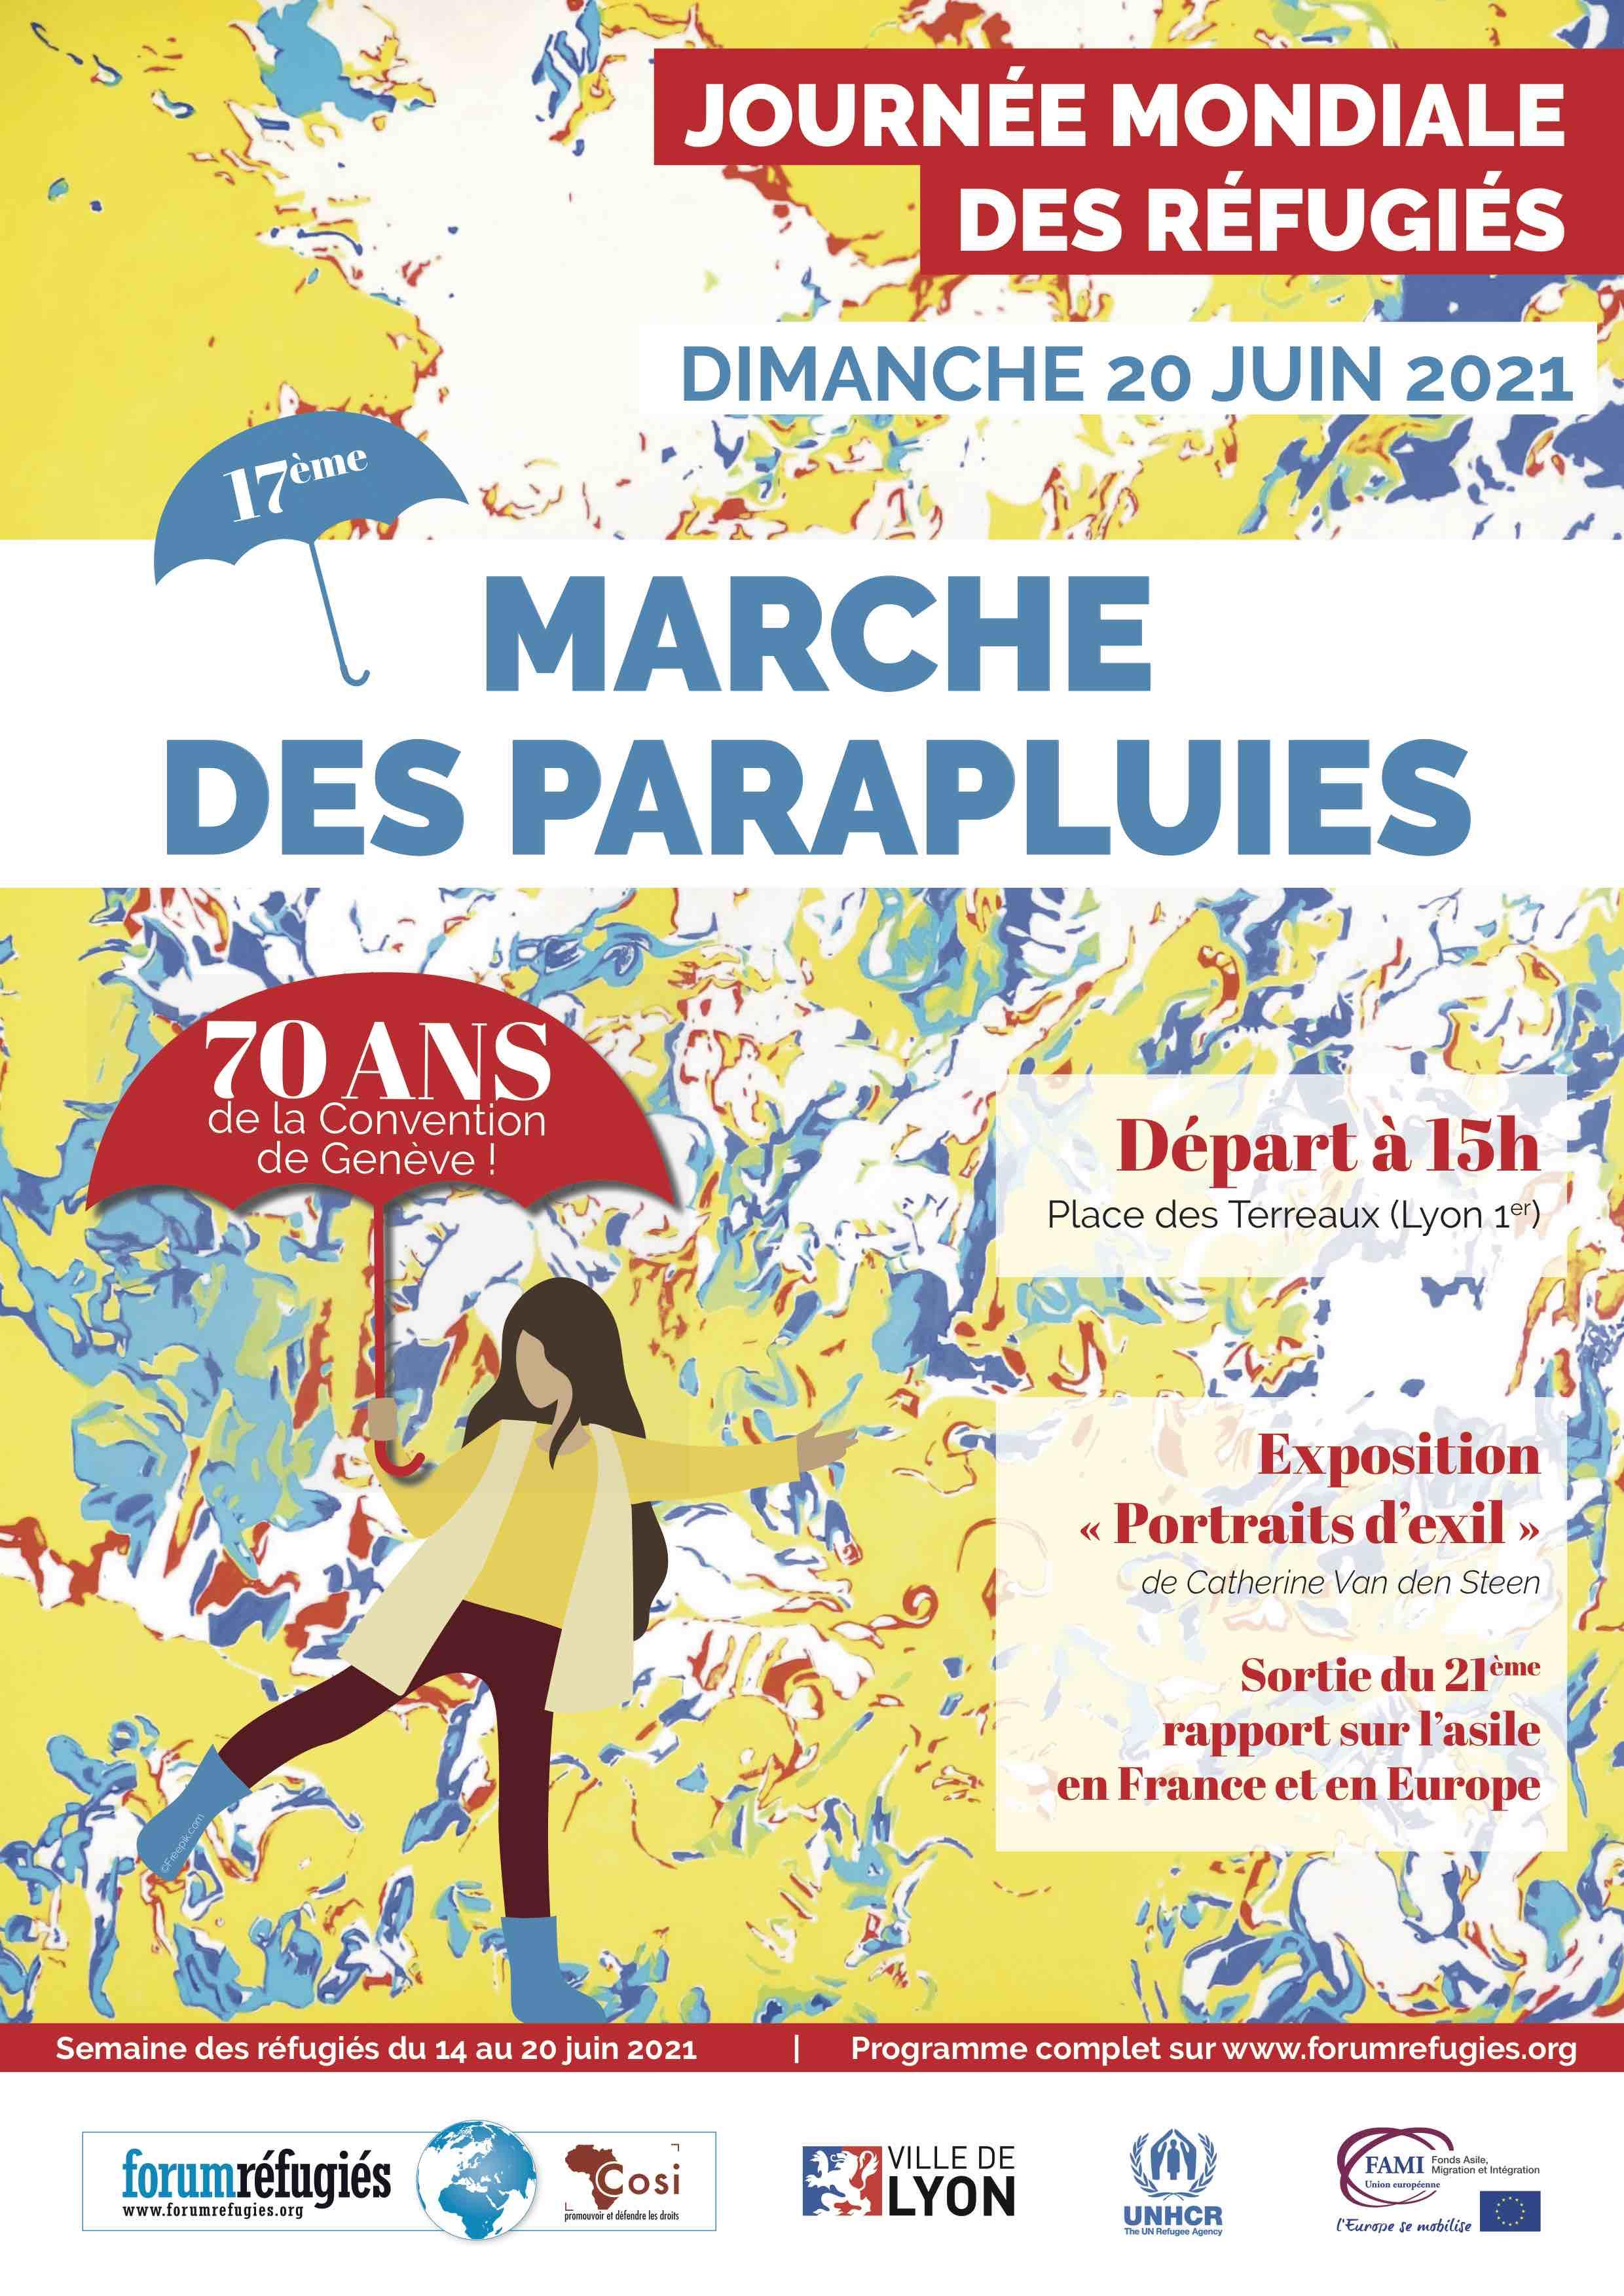 17ème Marche des Parapluies , événement de Forum réfugiés-Cosi